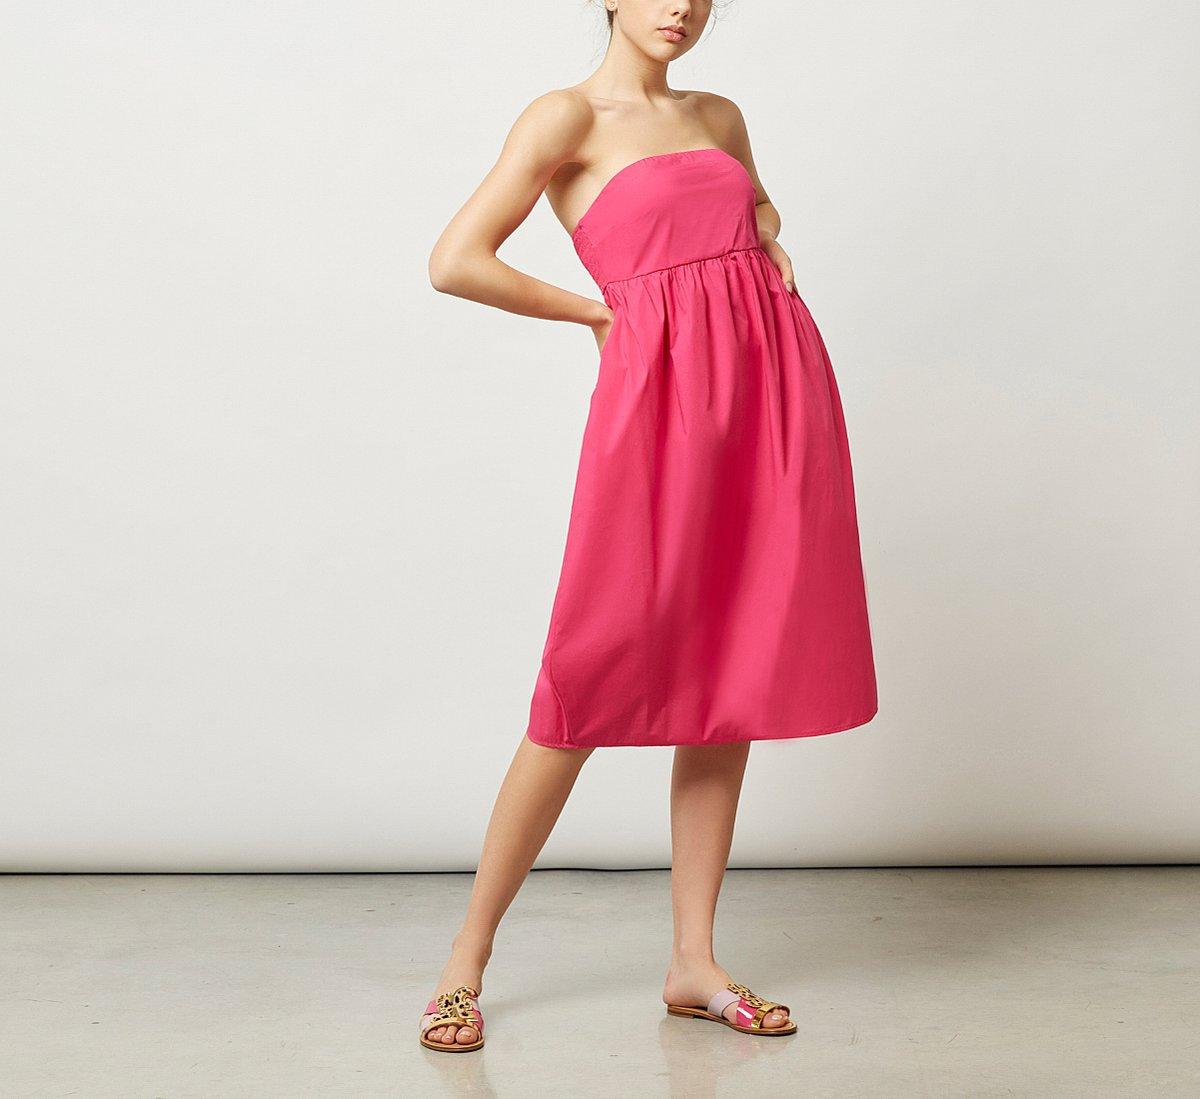 Pouf dress